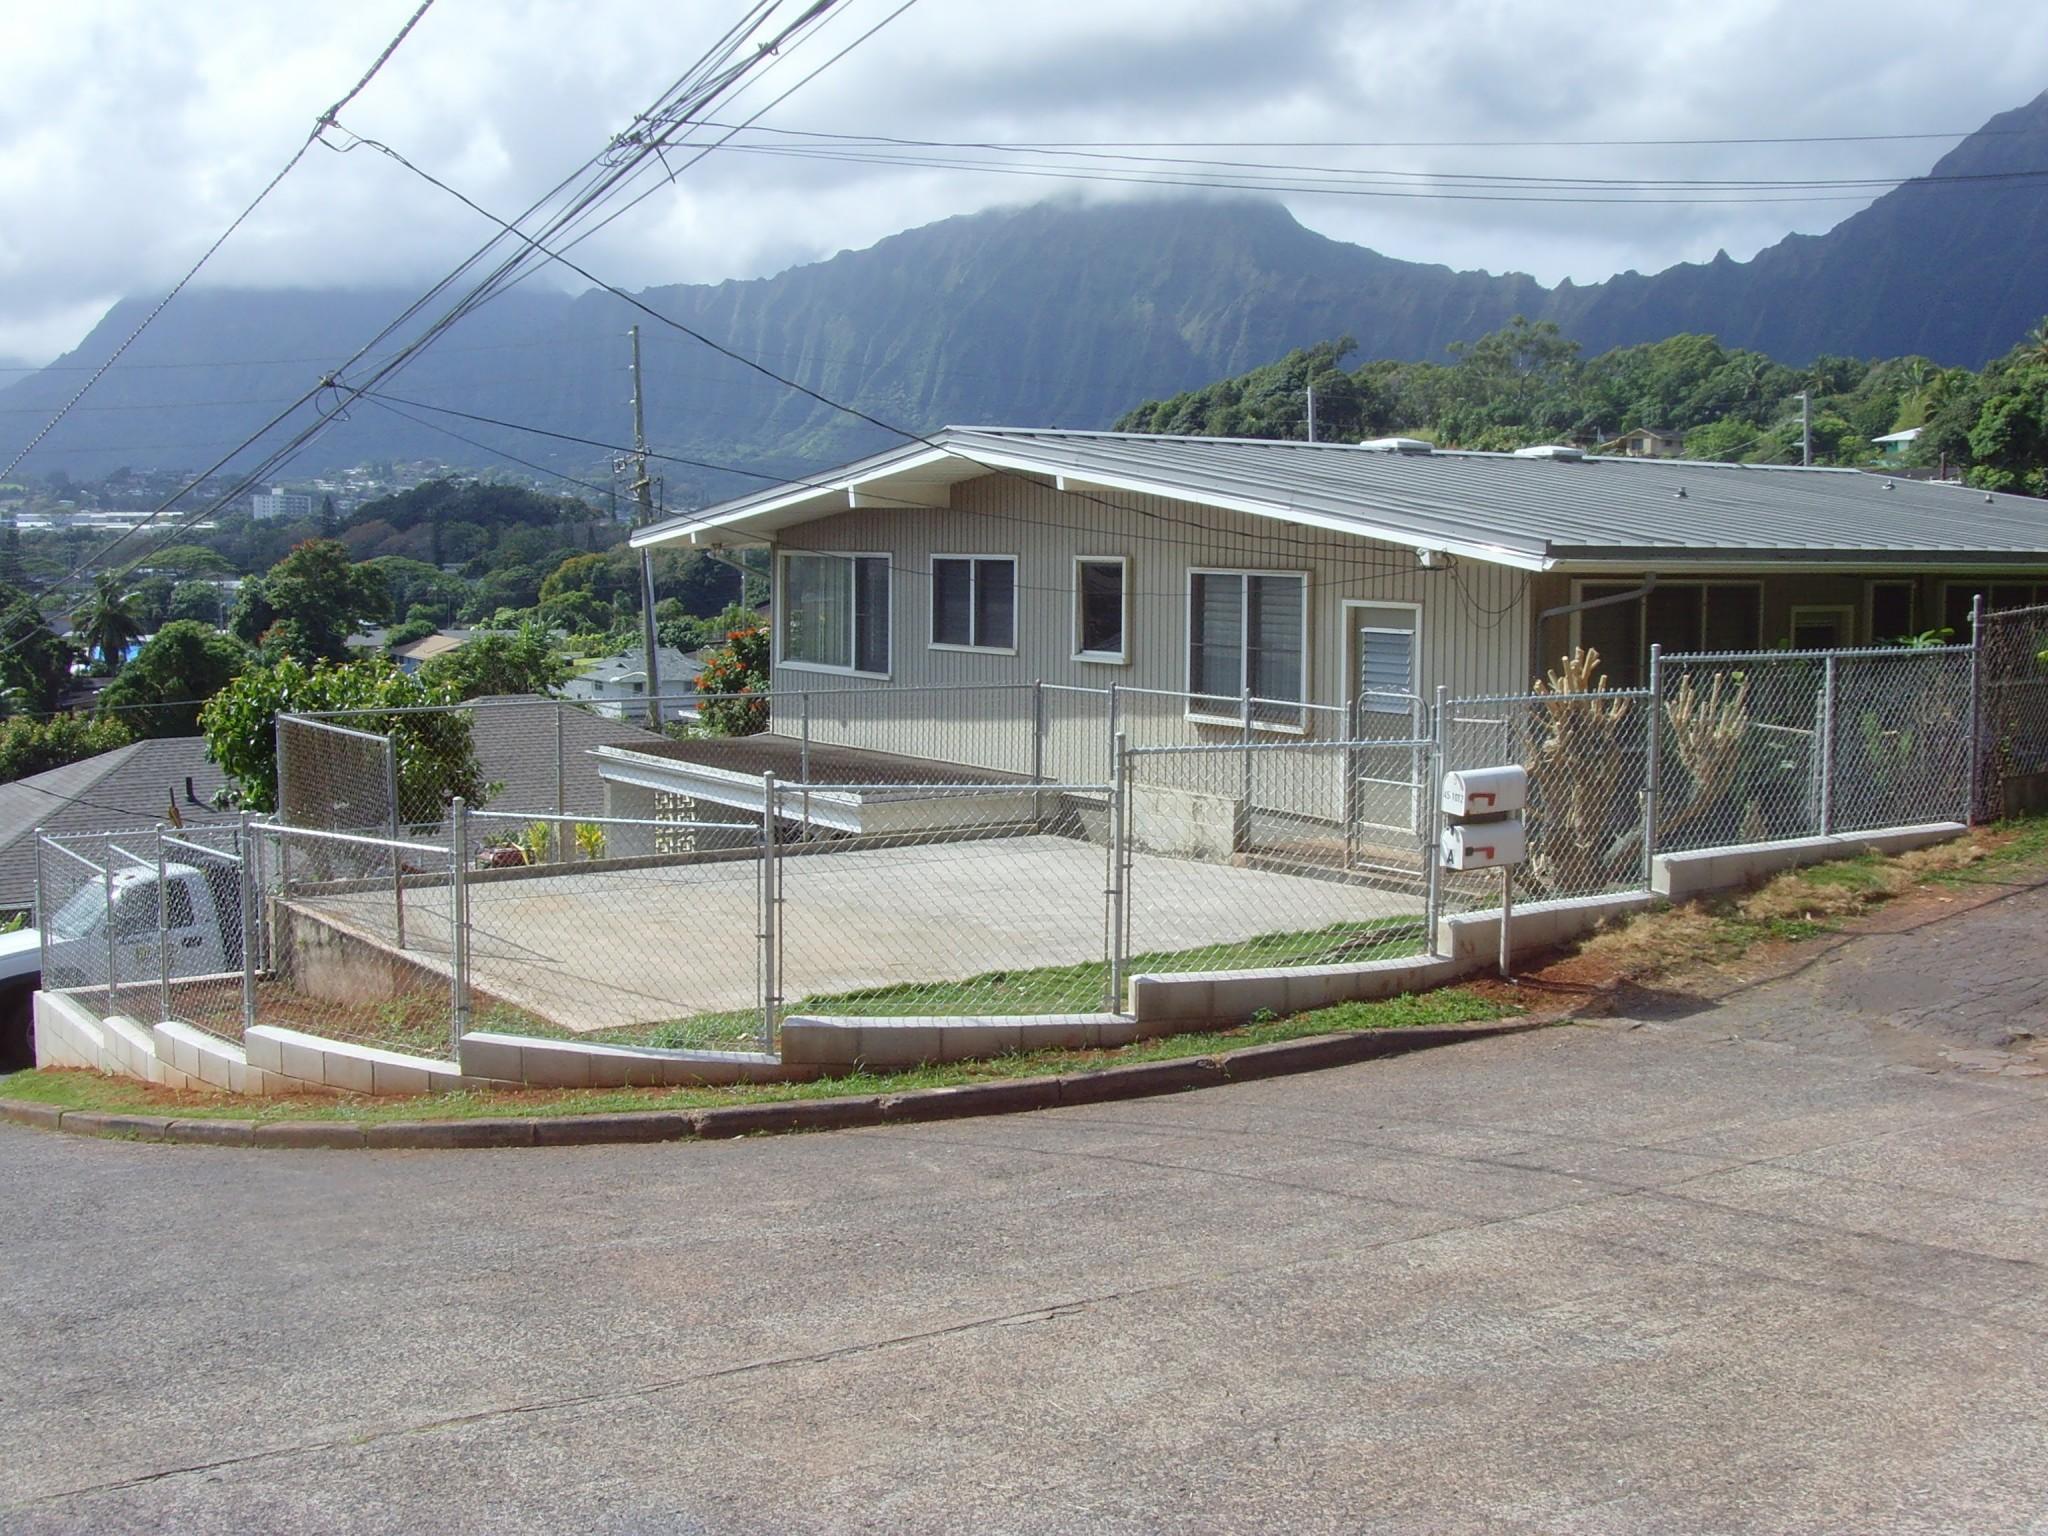 Oahu Chain Link Fence